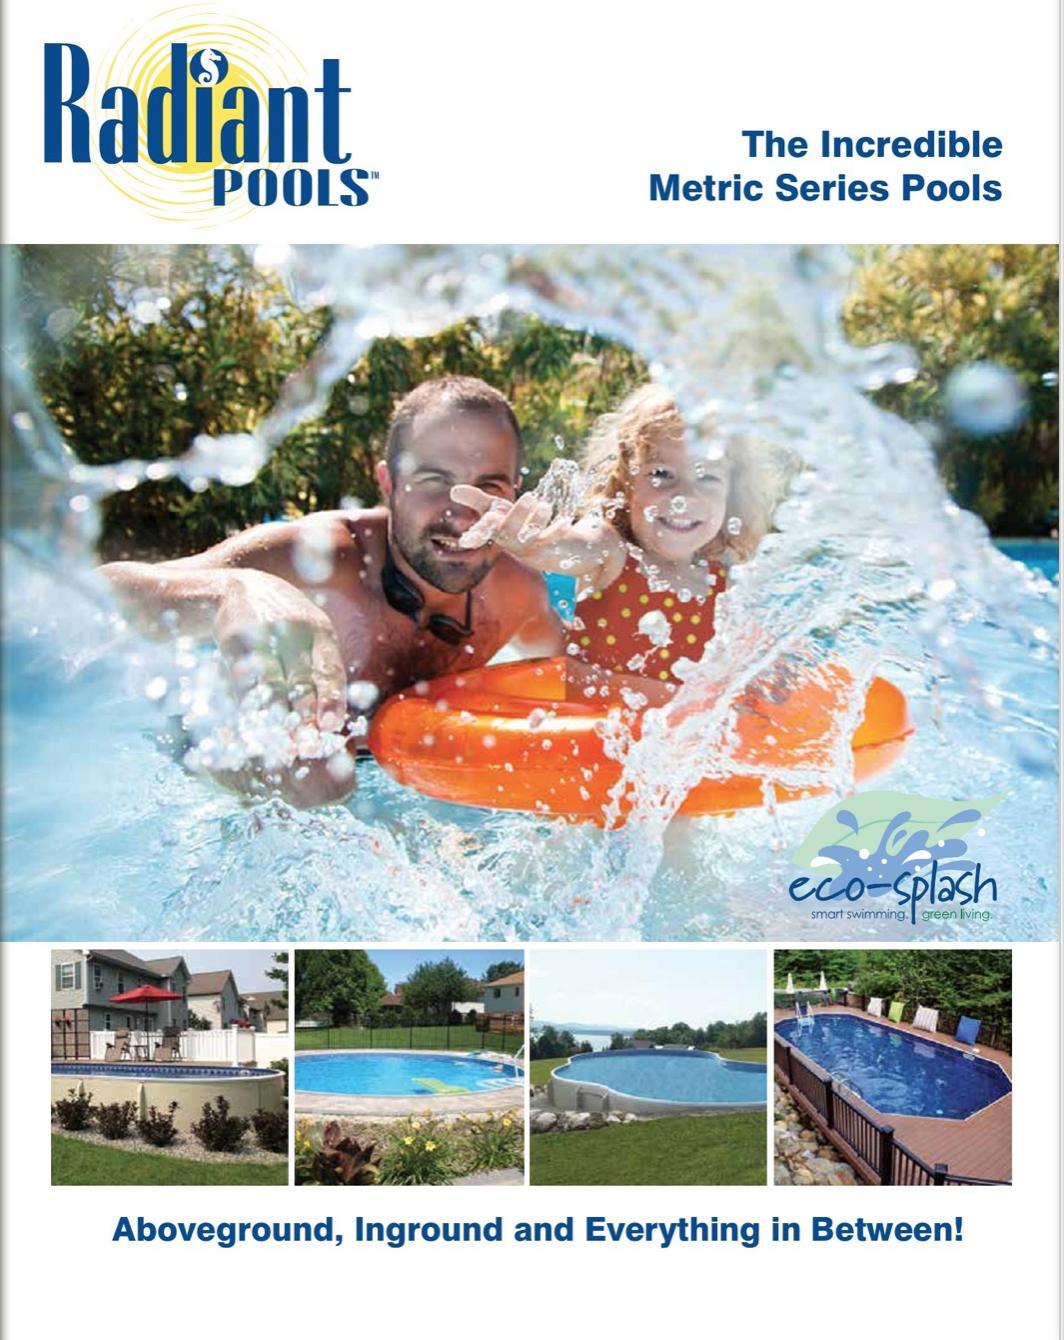 Radiant Pool Brochure